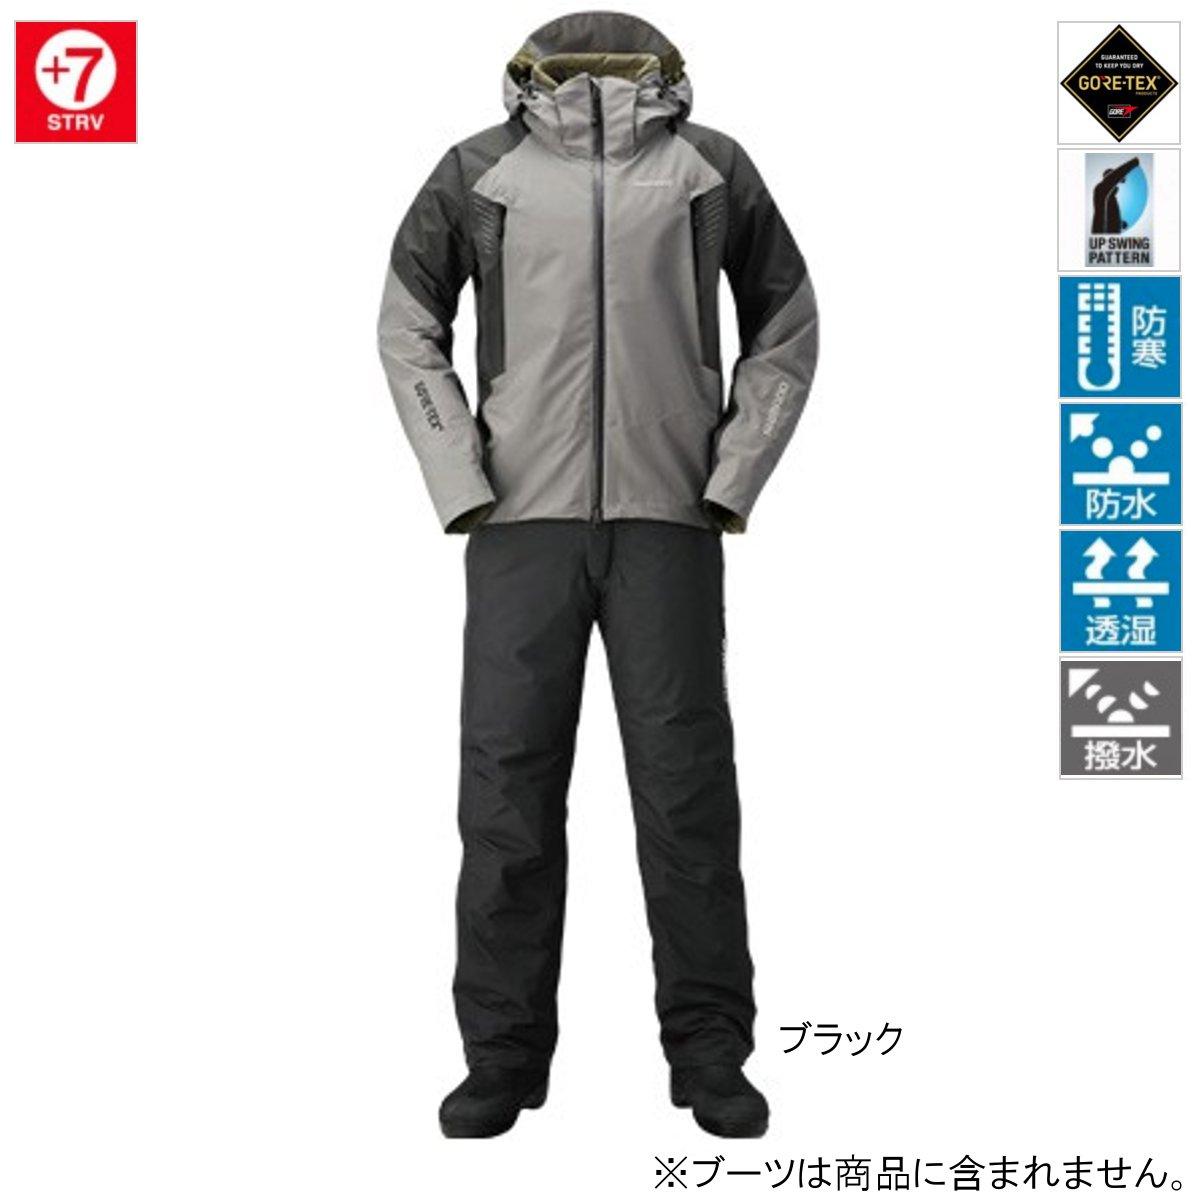 シマノ GORE-TEX ベーシックウォームスーツ RB-017R M ブラック(東日本店)